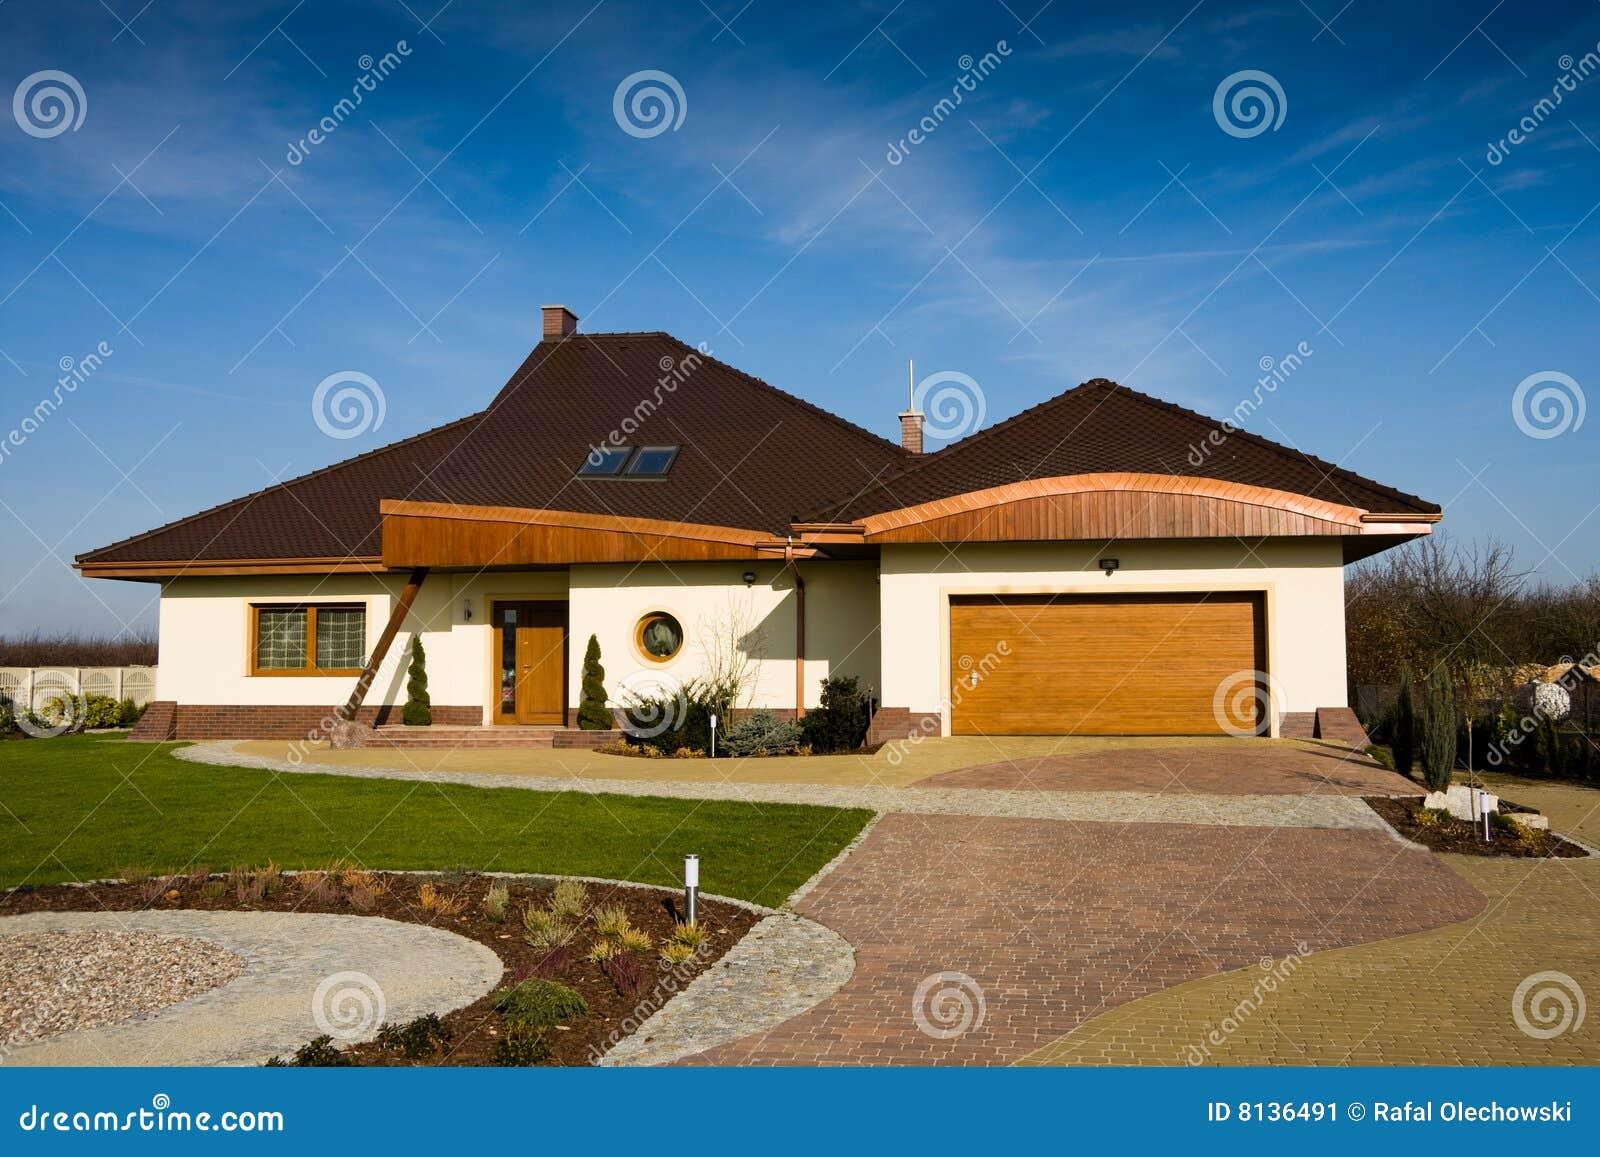 enig familie modern huis stock afbeelding afbeelding. Black Bedroom Furniture Sets. Home Design Ideas